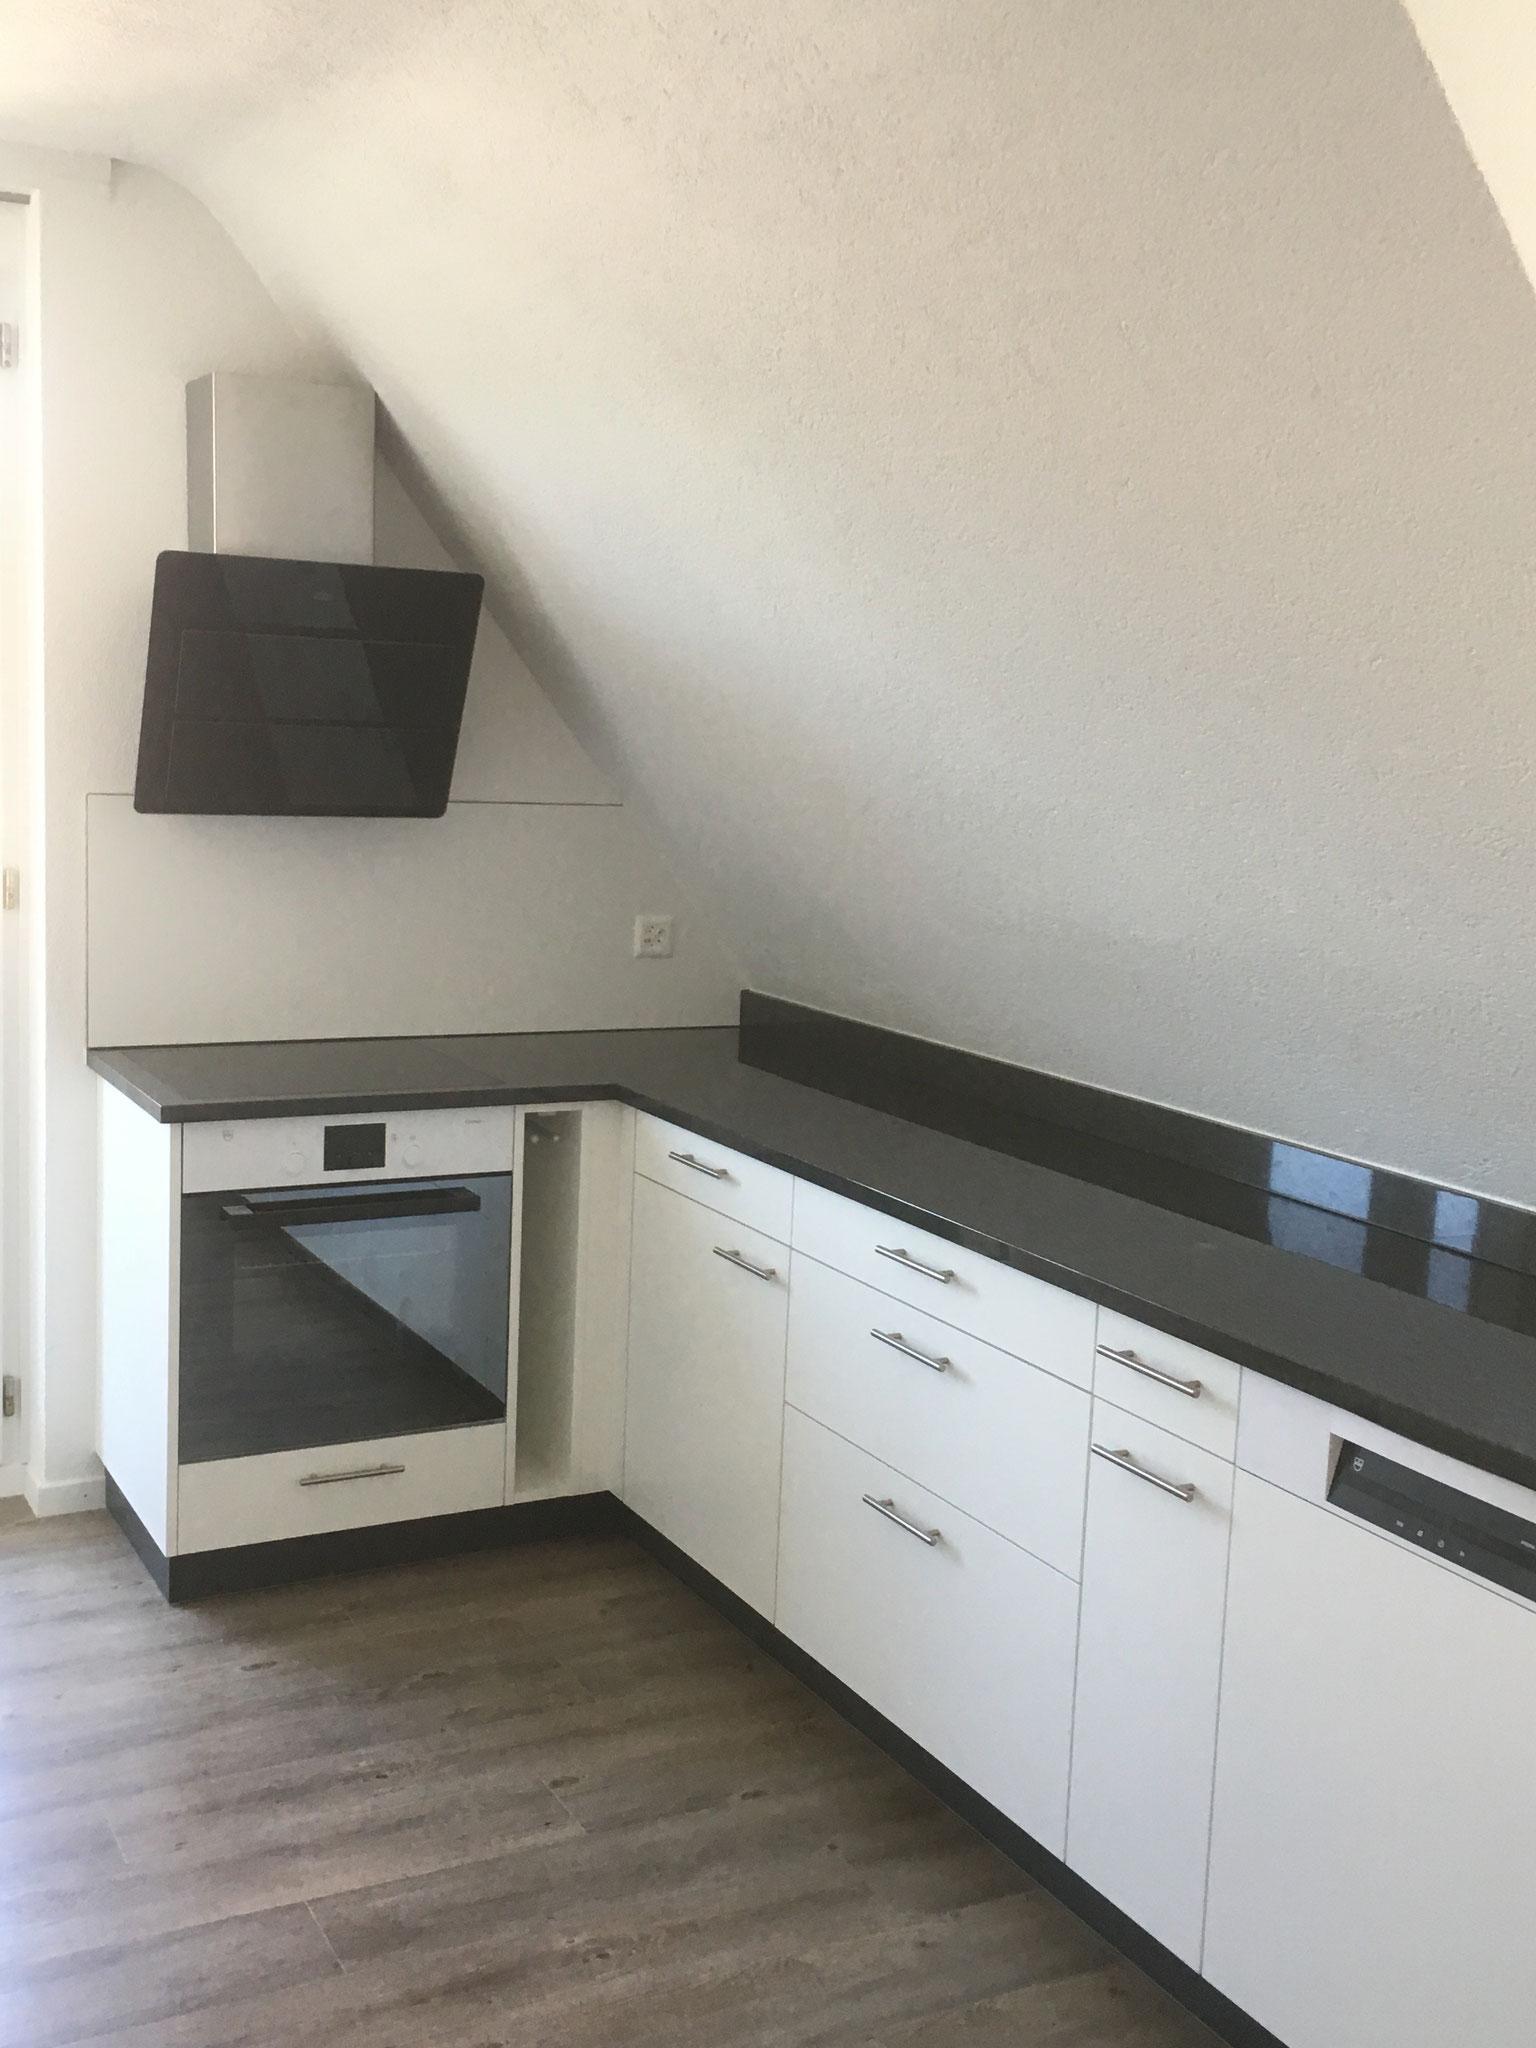 Küche in Dachstock